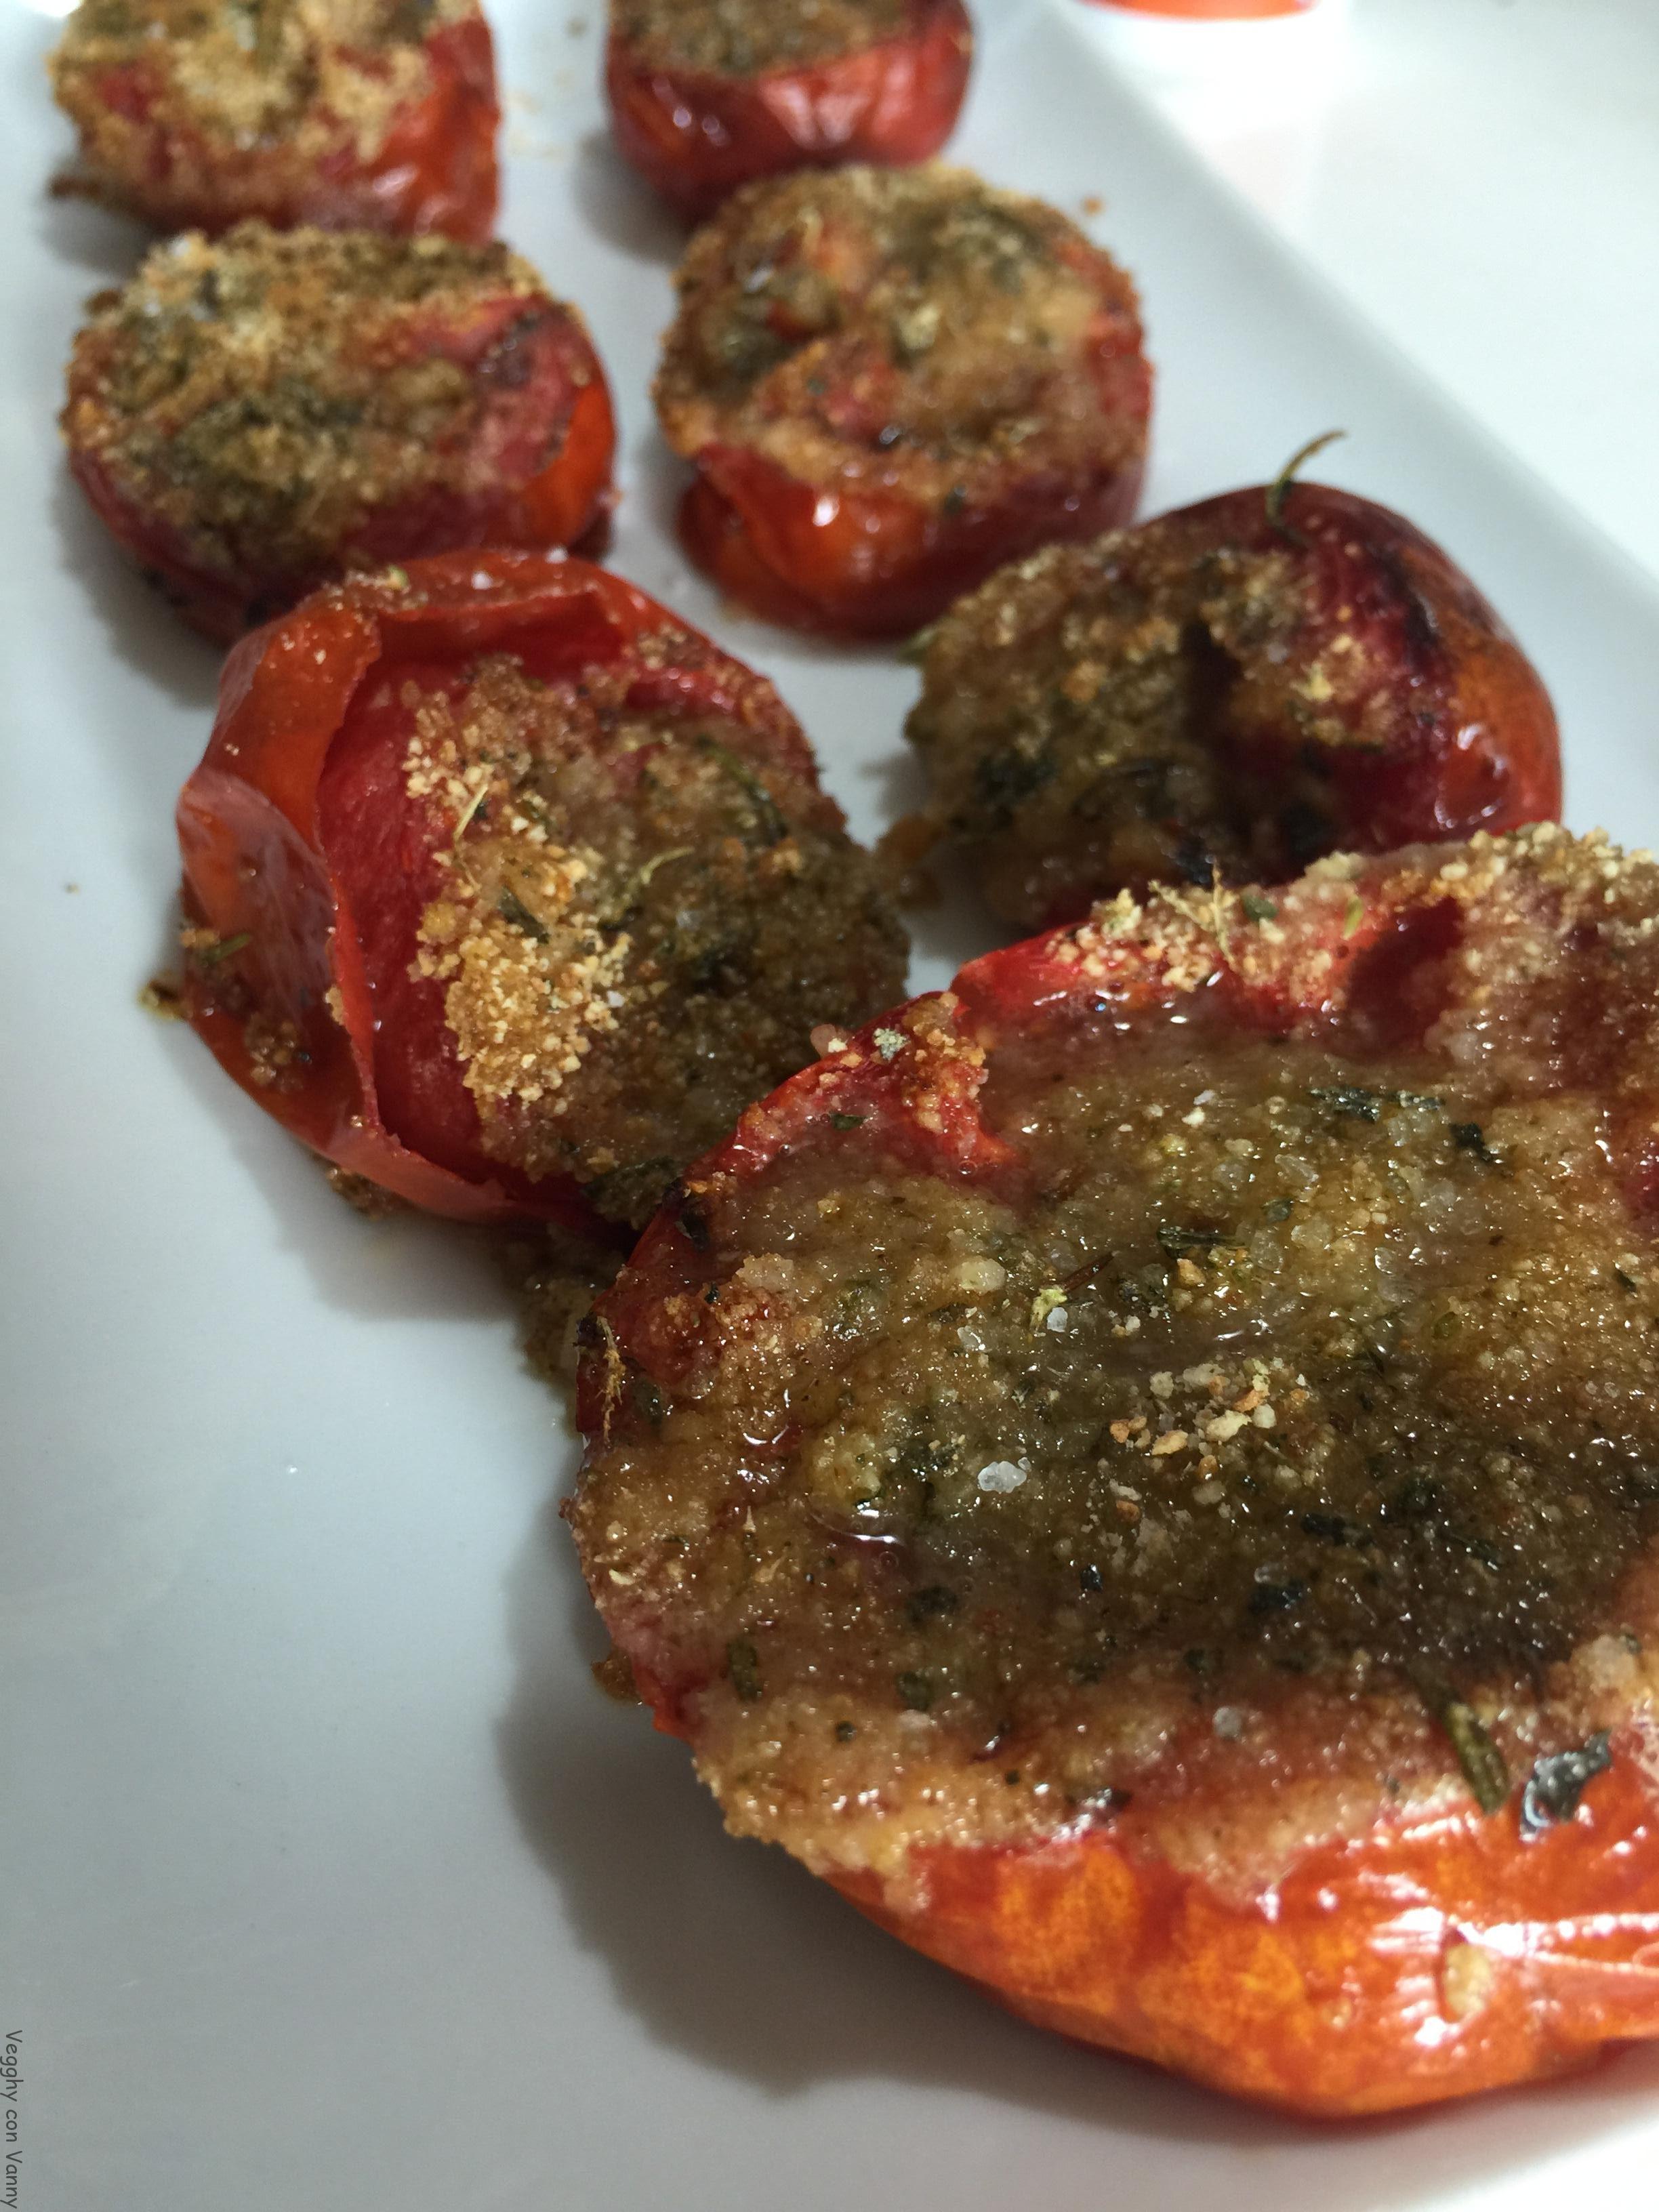 Pomodori al forno con ripieno di erbe aromatiche e pane integrale